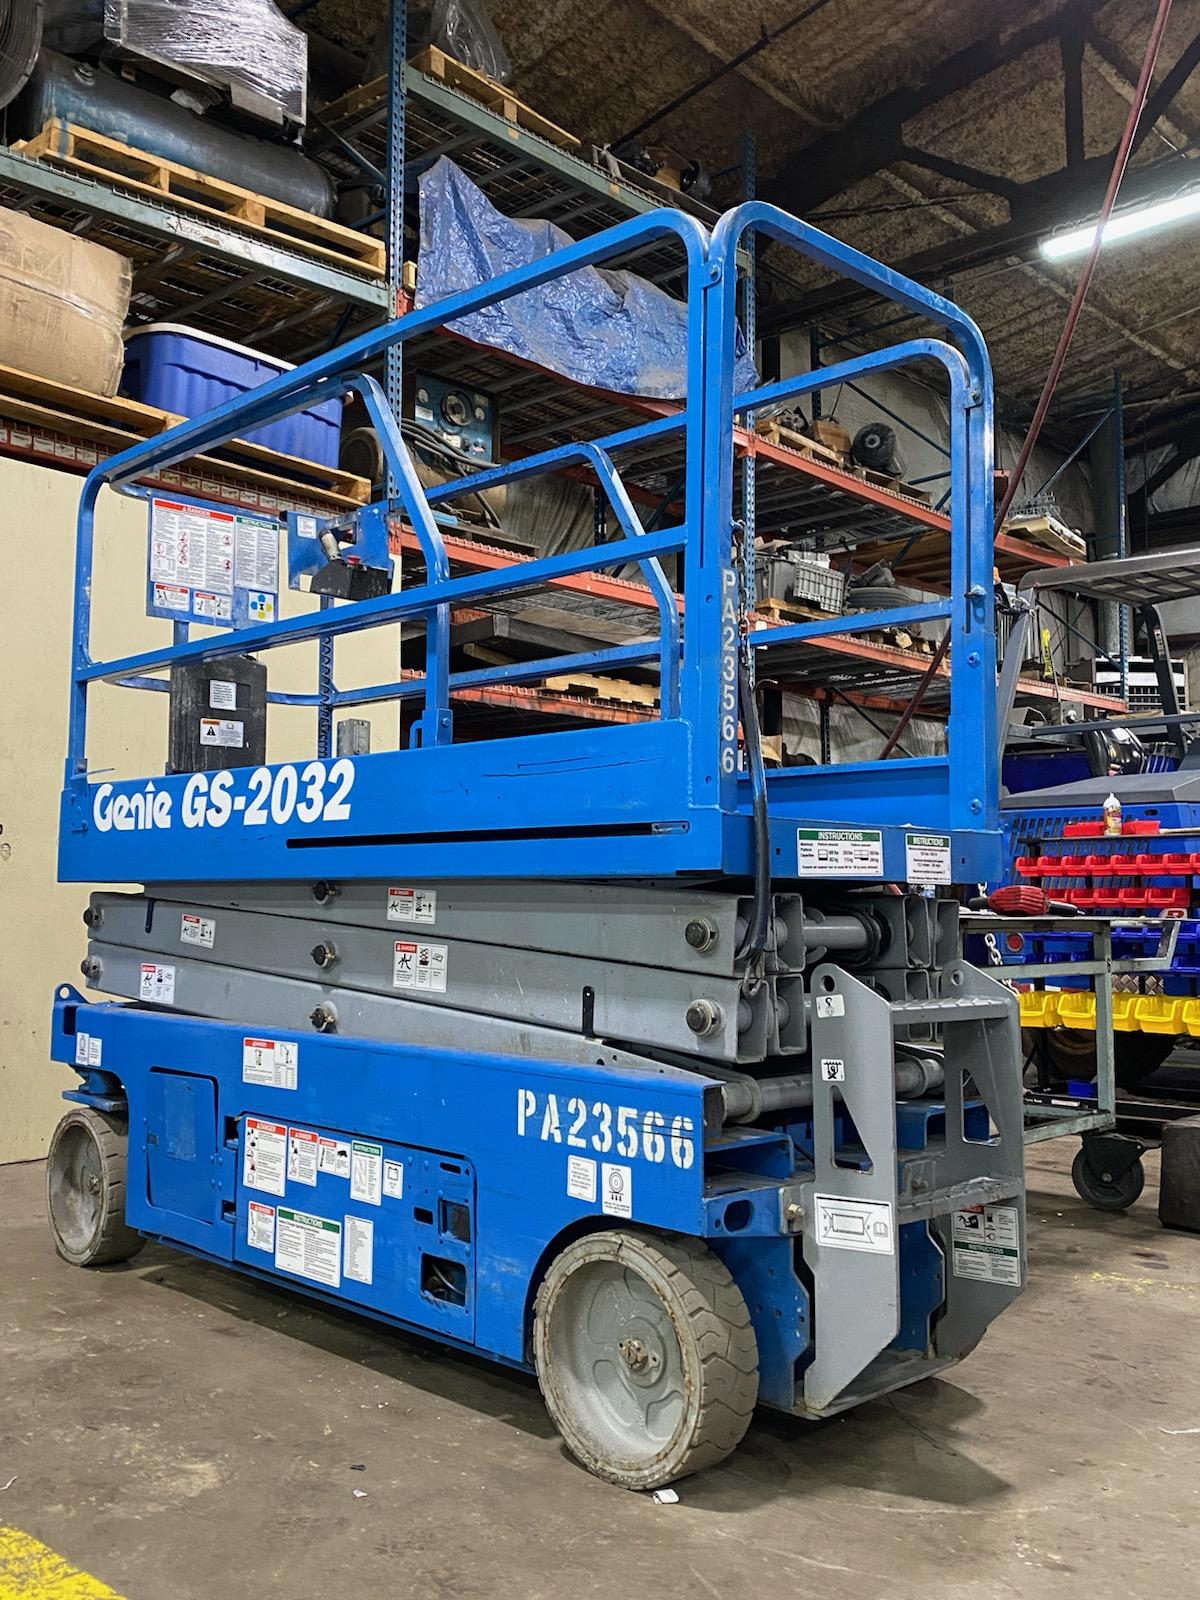 blue Genie lift truck